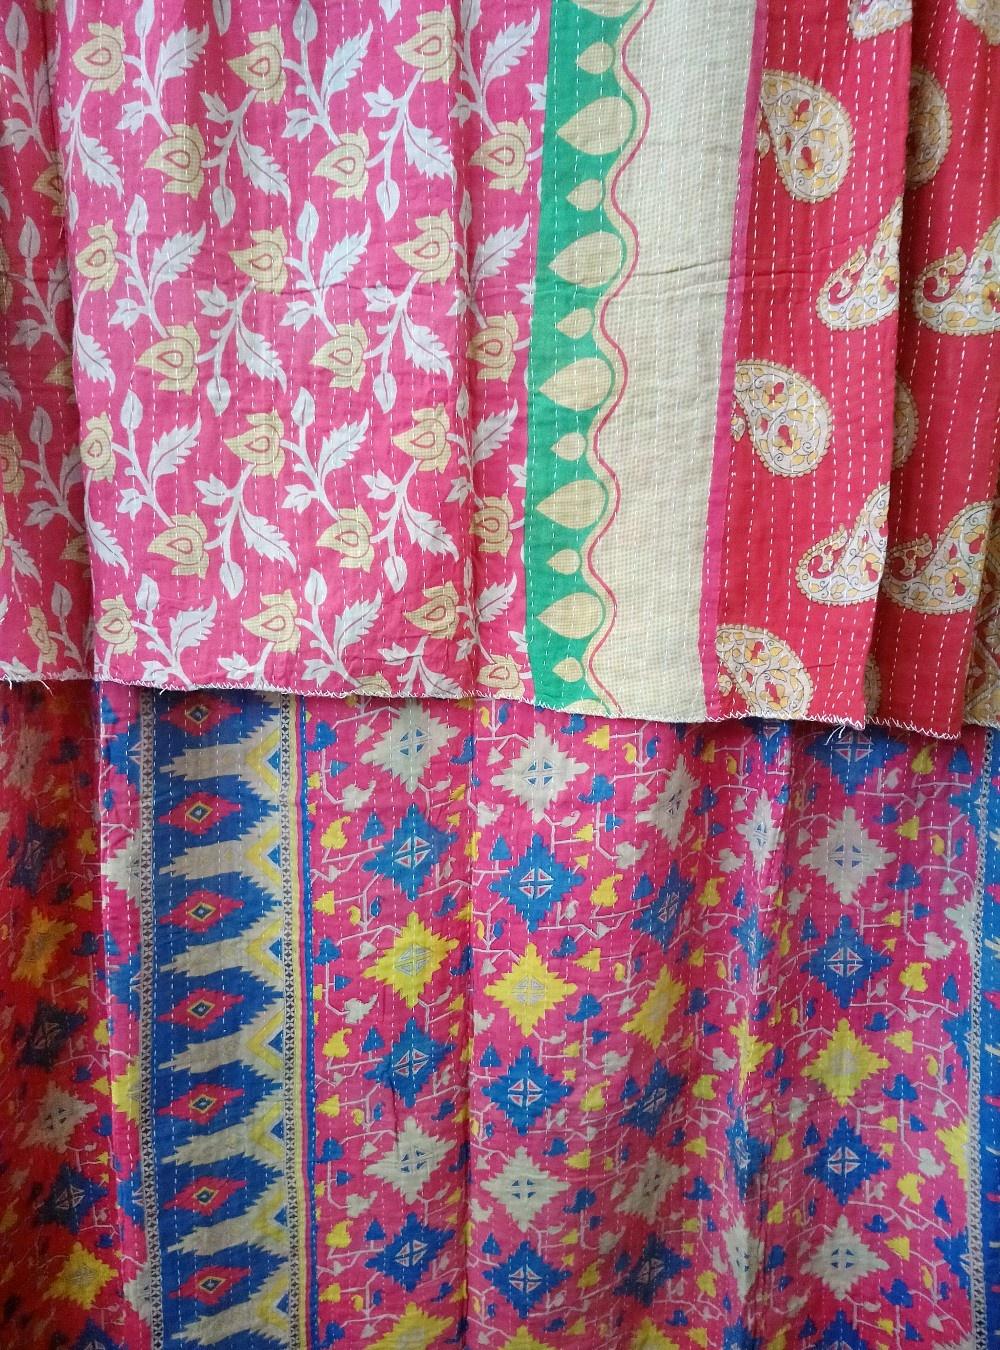 Kantha Sari Throw Blanket #776